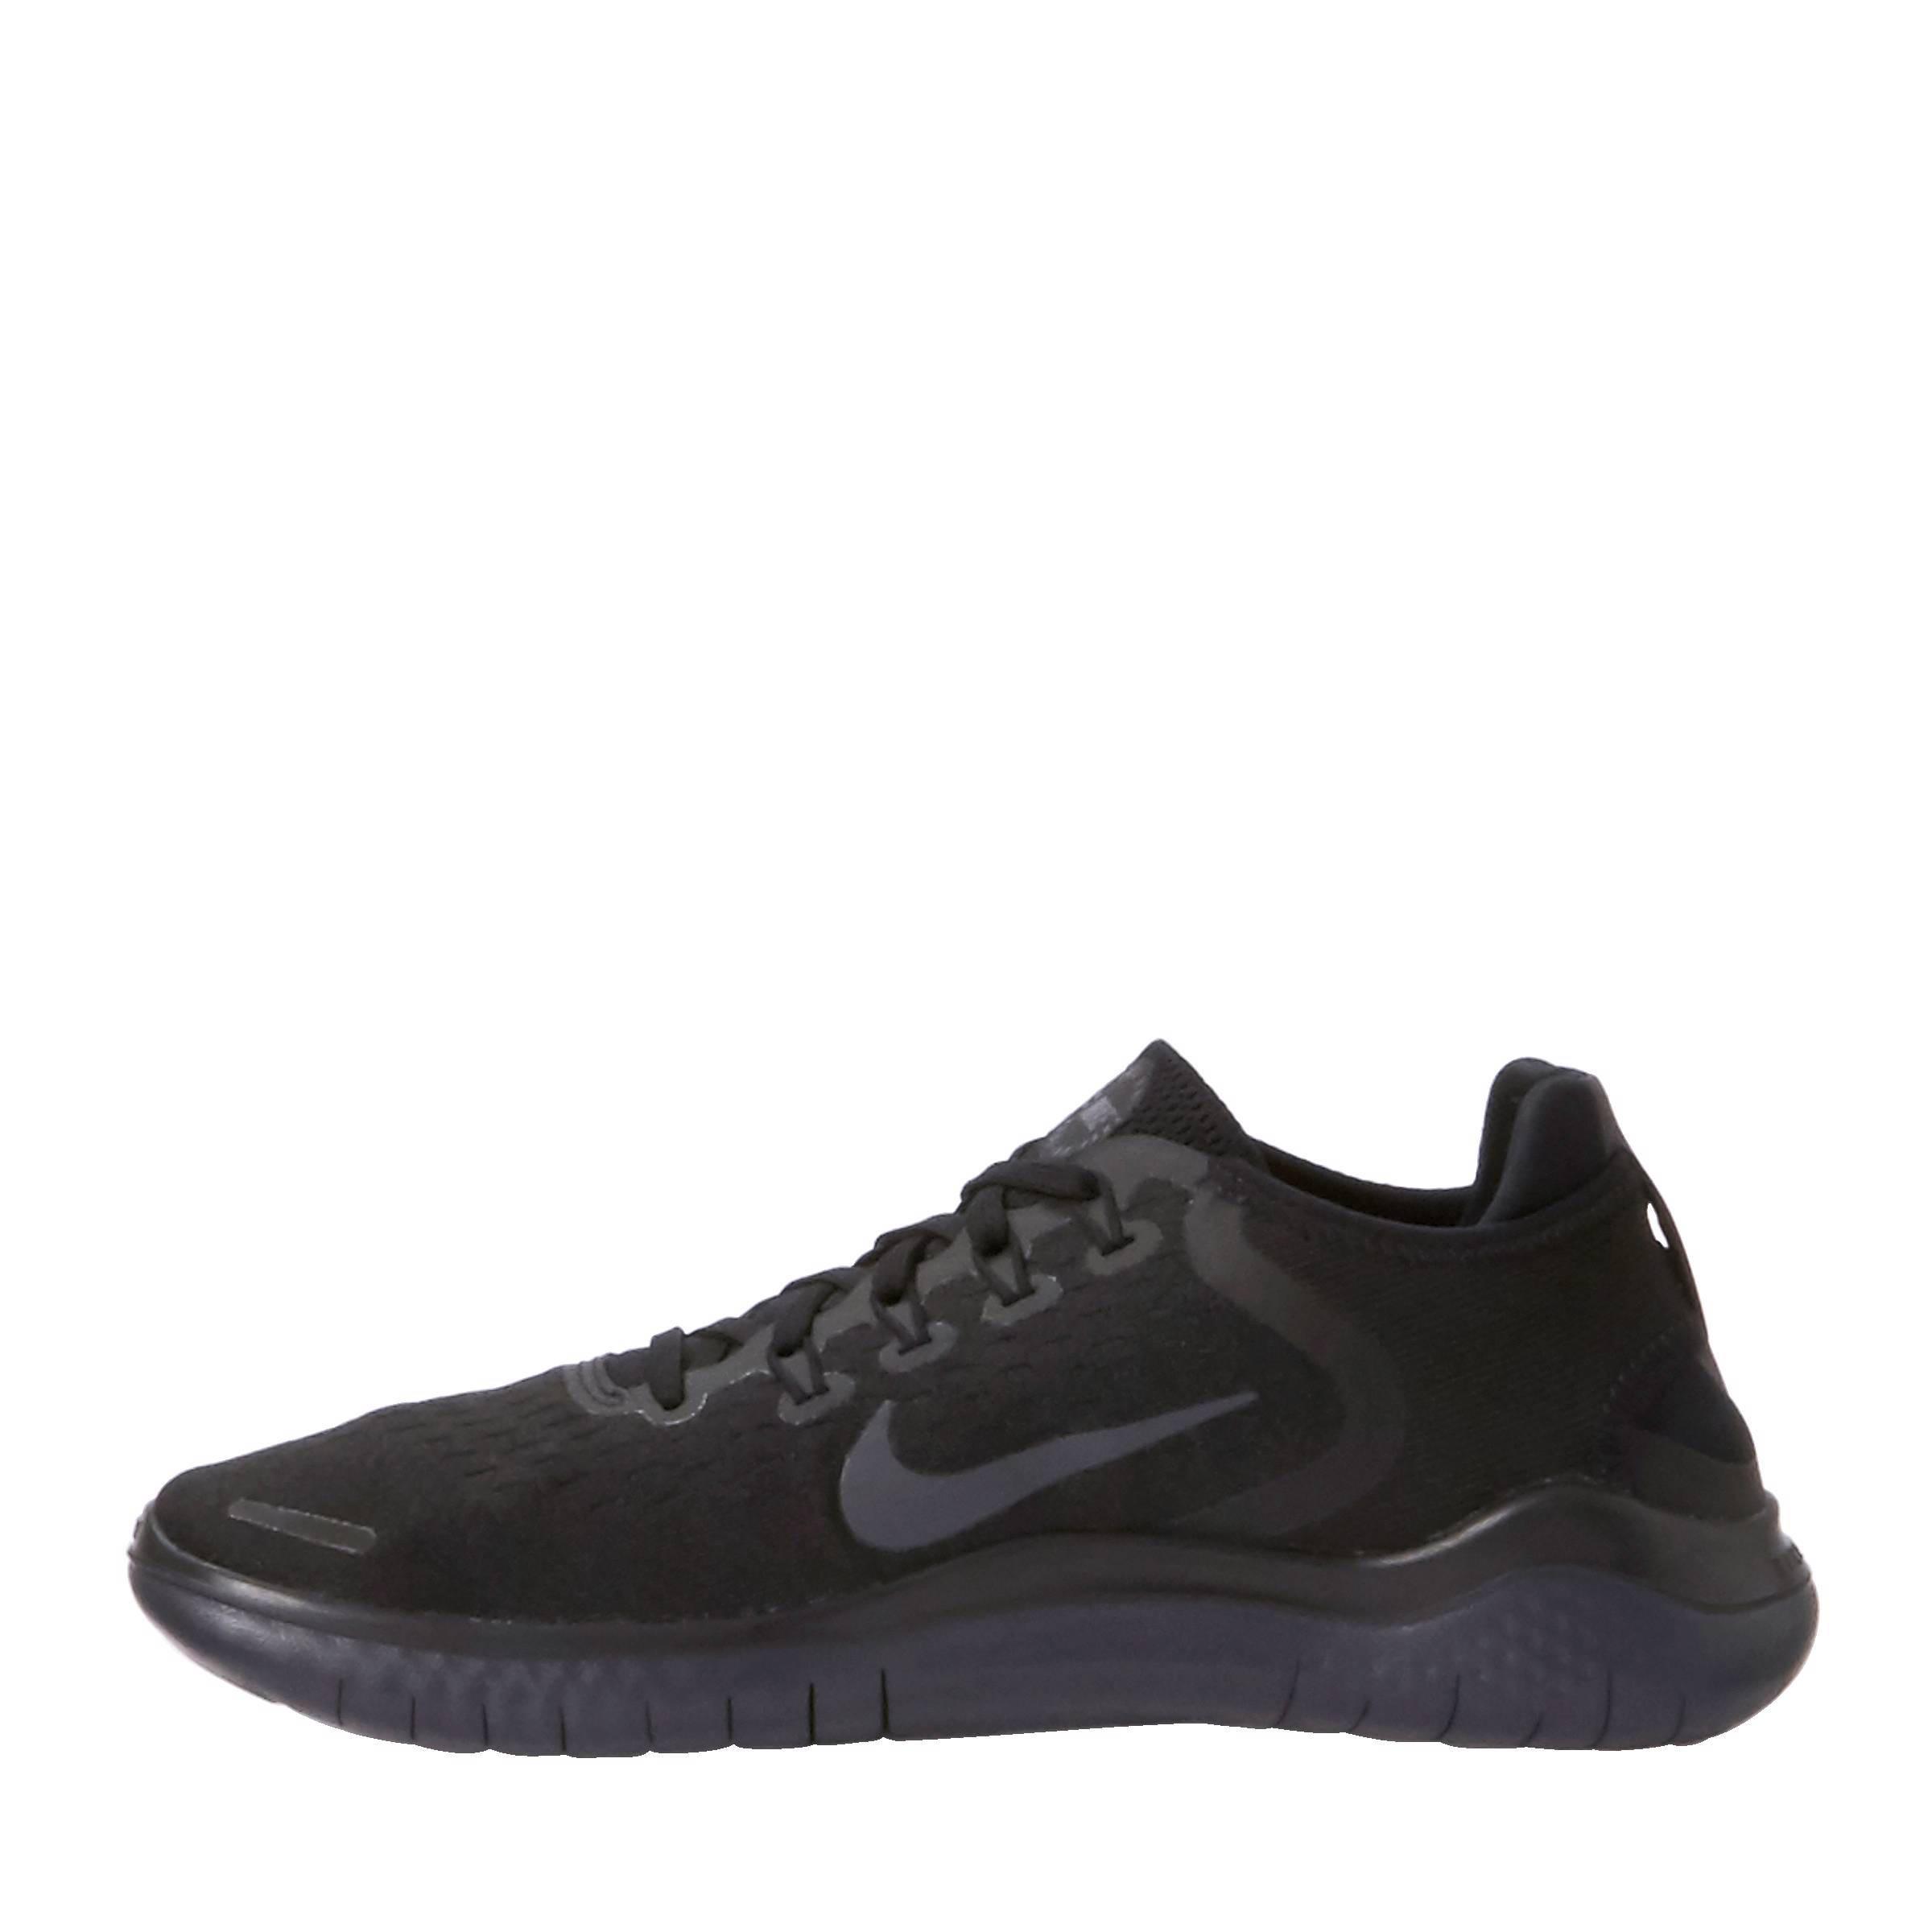 dde6419833d Nike FREE RN 2018 hardloopschoenen | wehkamp